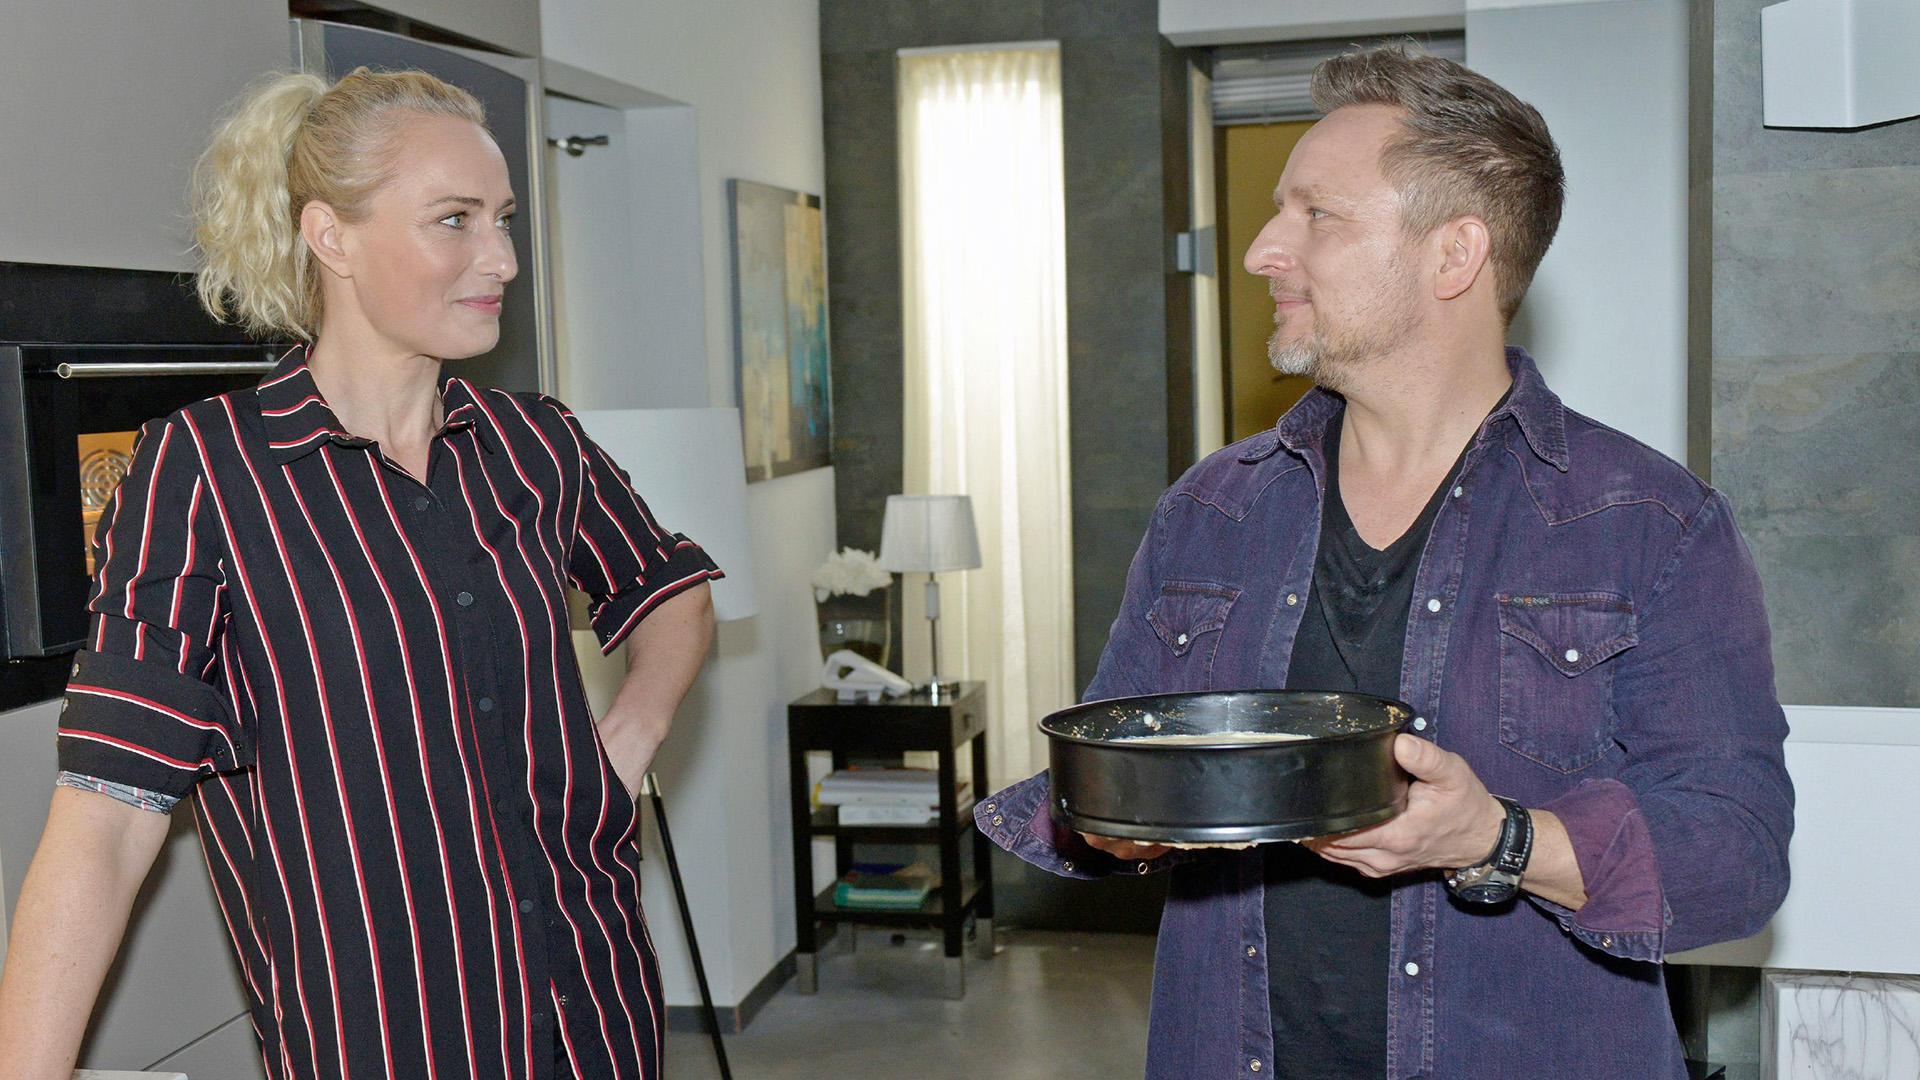 Michi hilft Maren beim Kuchenbacken für Emmas Kita | Folge 7249